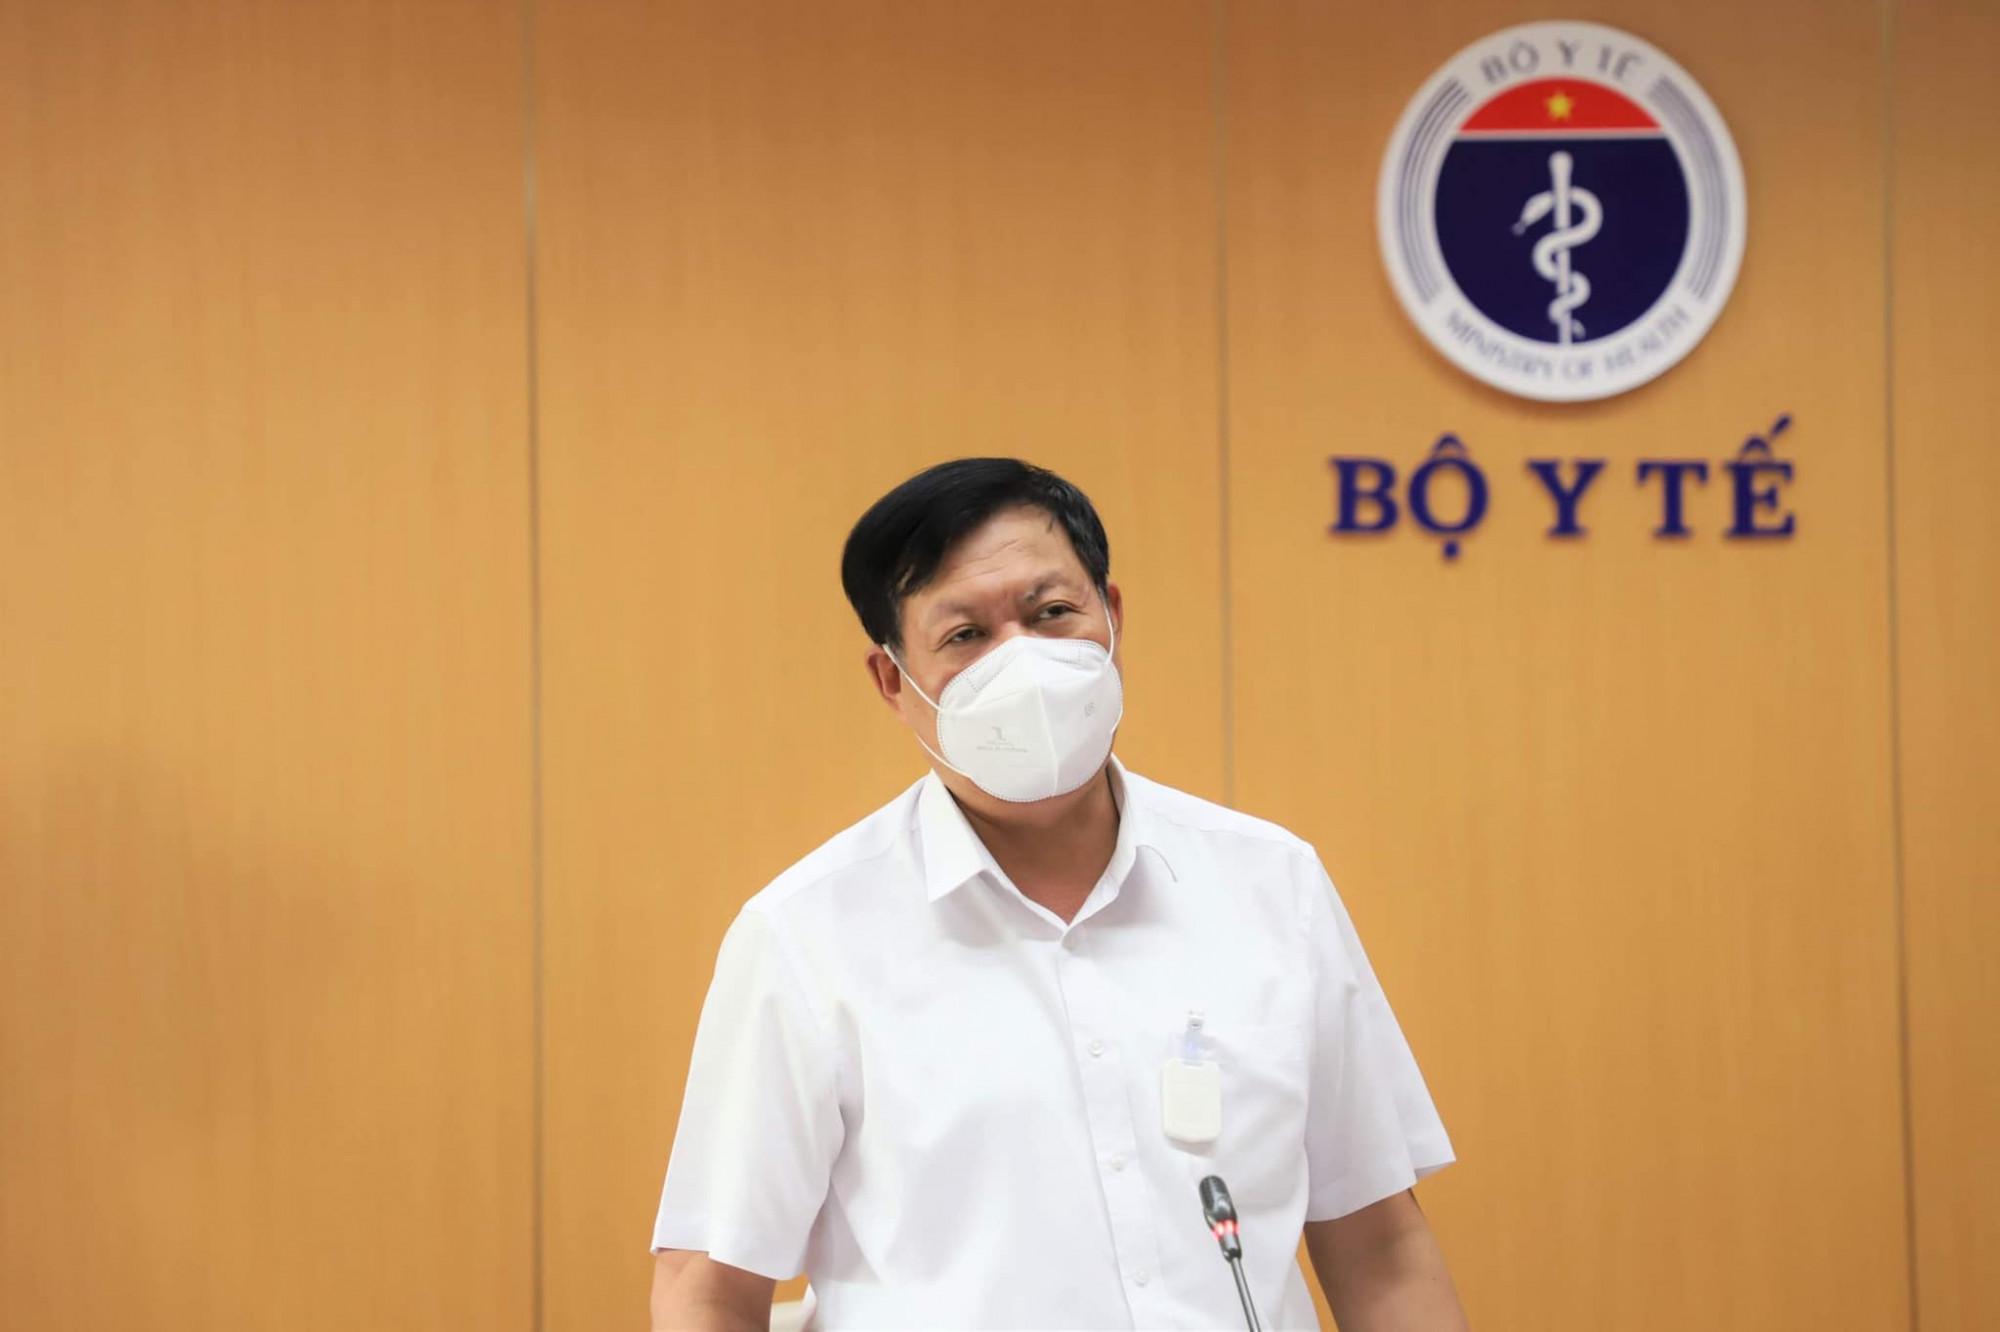 Thứ trưởng Bộ Y tế đề nghị các tỉnh miền Tây Nam Bộ phải phấn đấu giảm số ca mắc trong 7 ngày tới